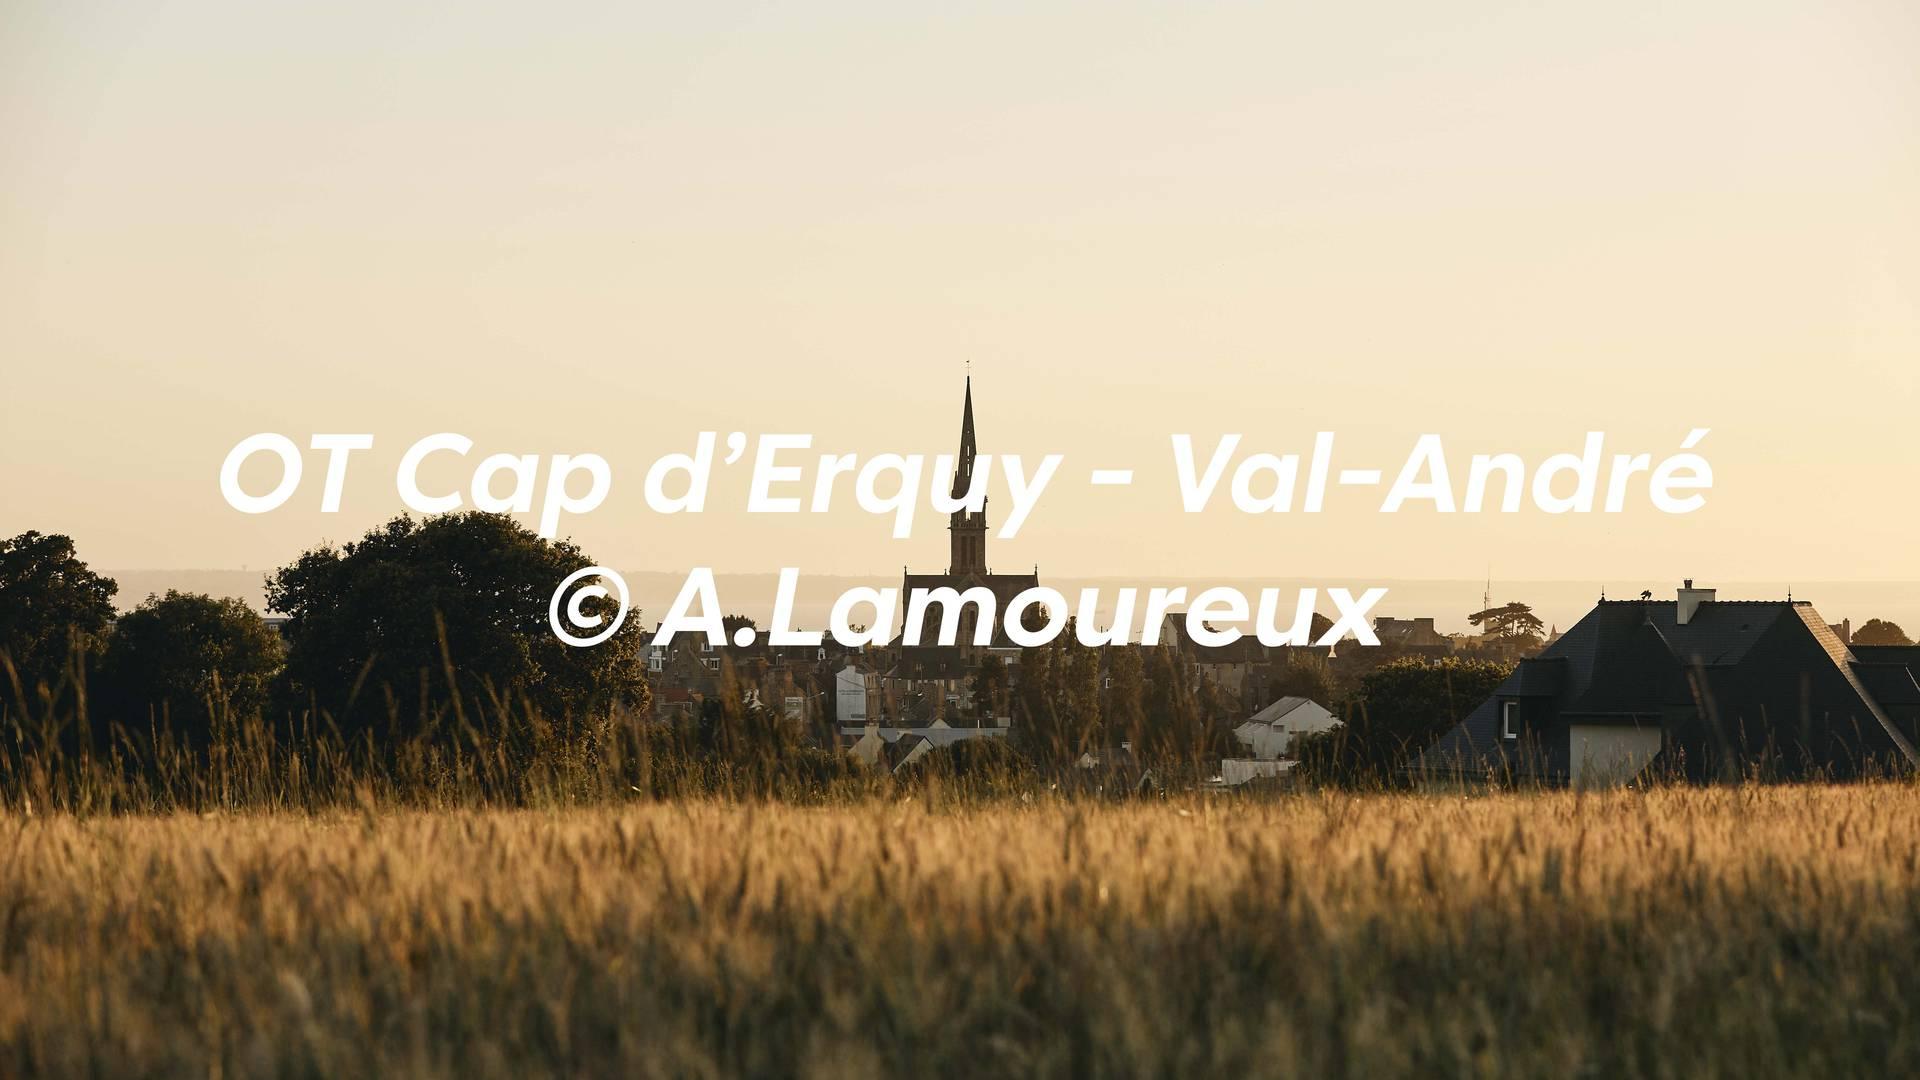 Pléneuf-Val-André